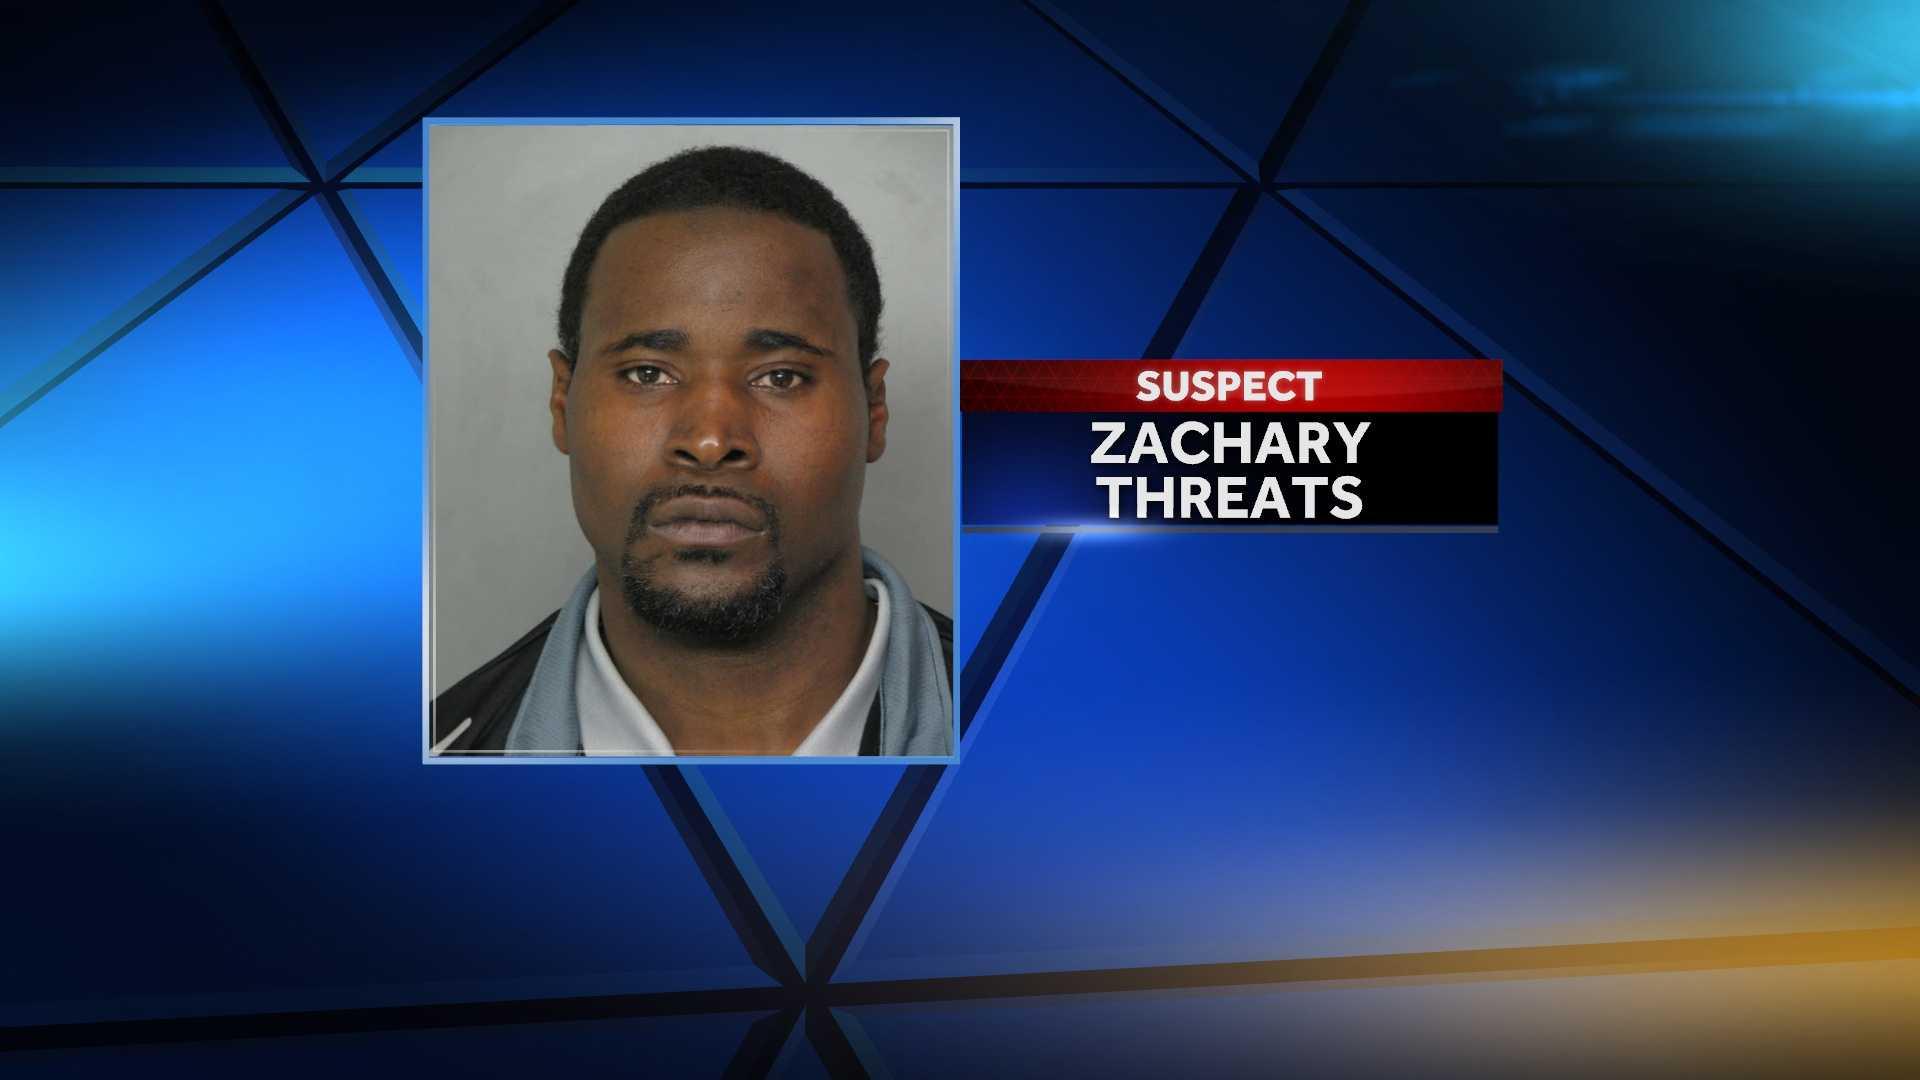 Zachary Threats